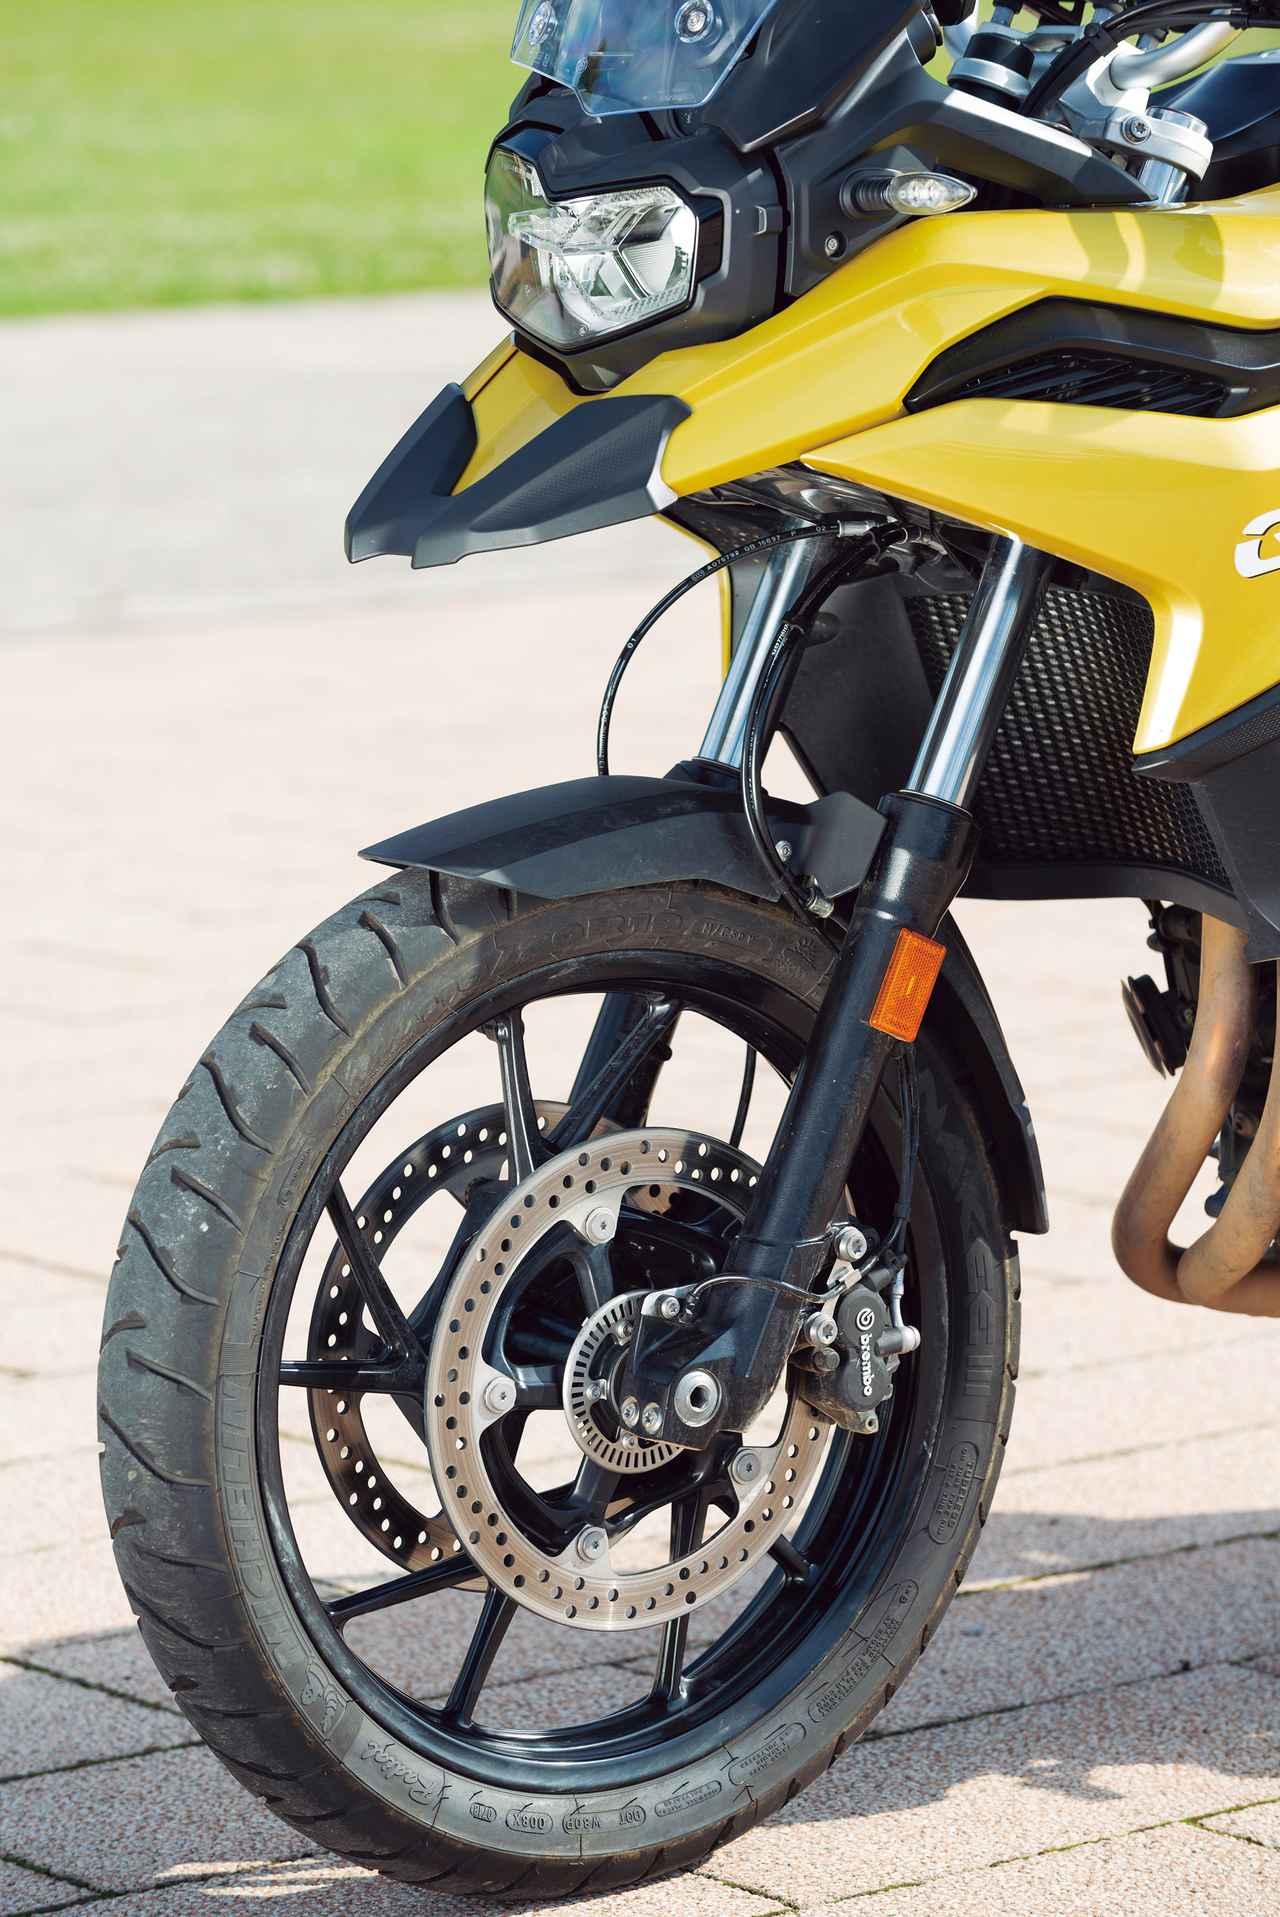 Images : 2番目の画像 - BMW F750GSの画像を全て見る! - webオートバイ